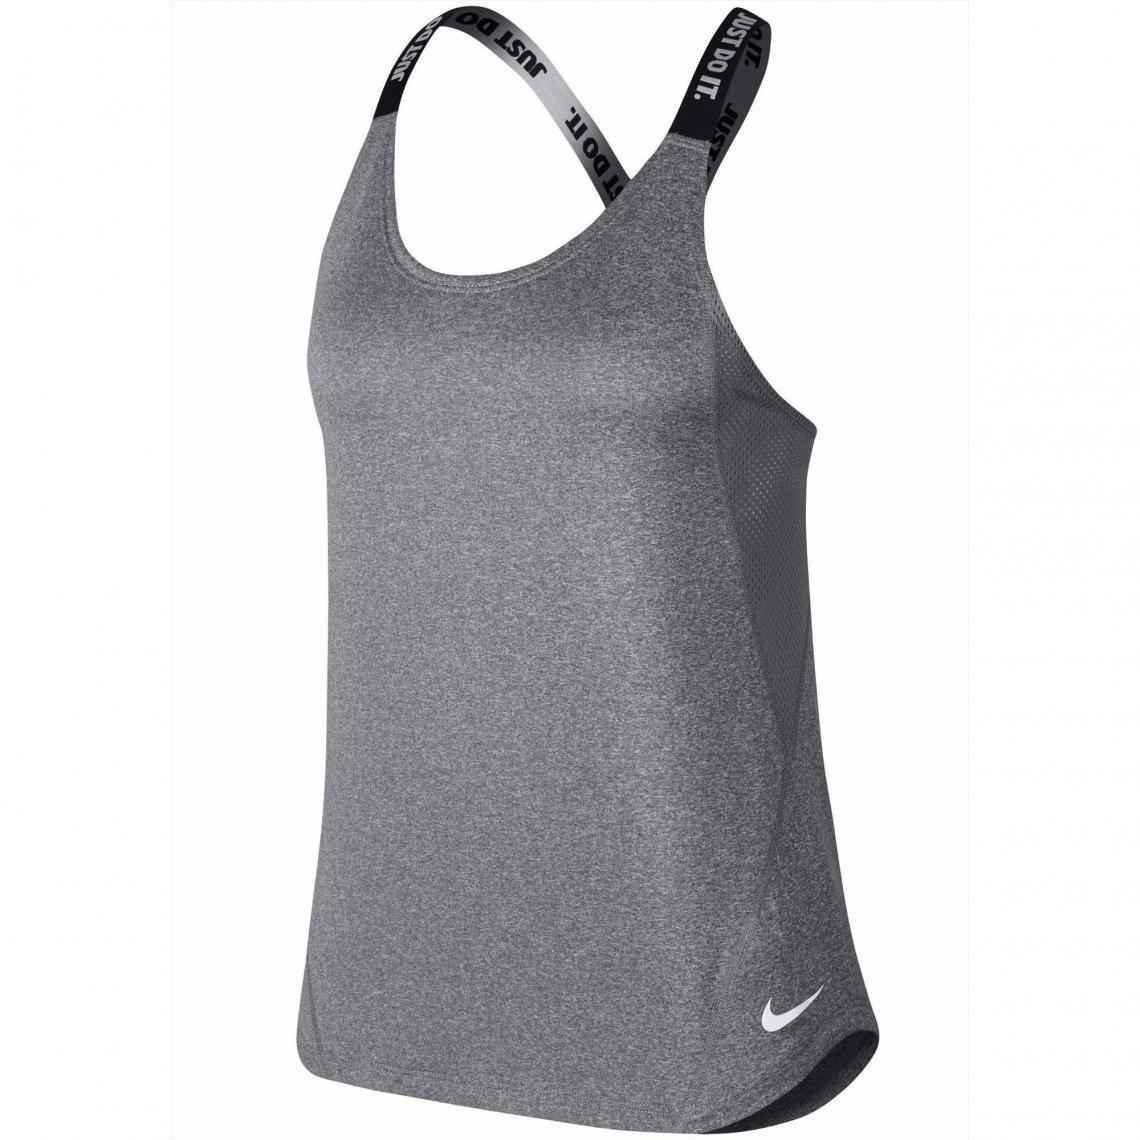 Nike Débardeur Dry Sport Femme Gris3suisses De bfy6gvY7